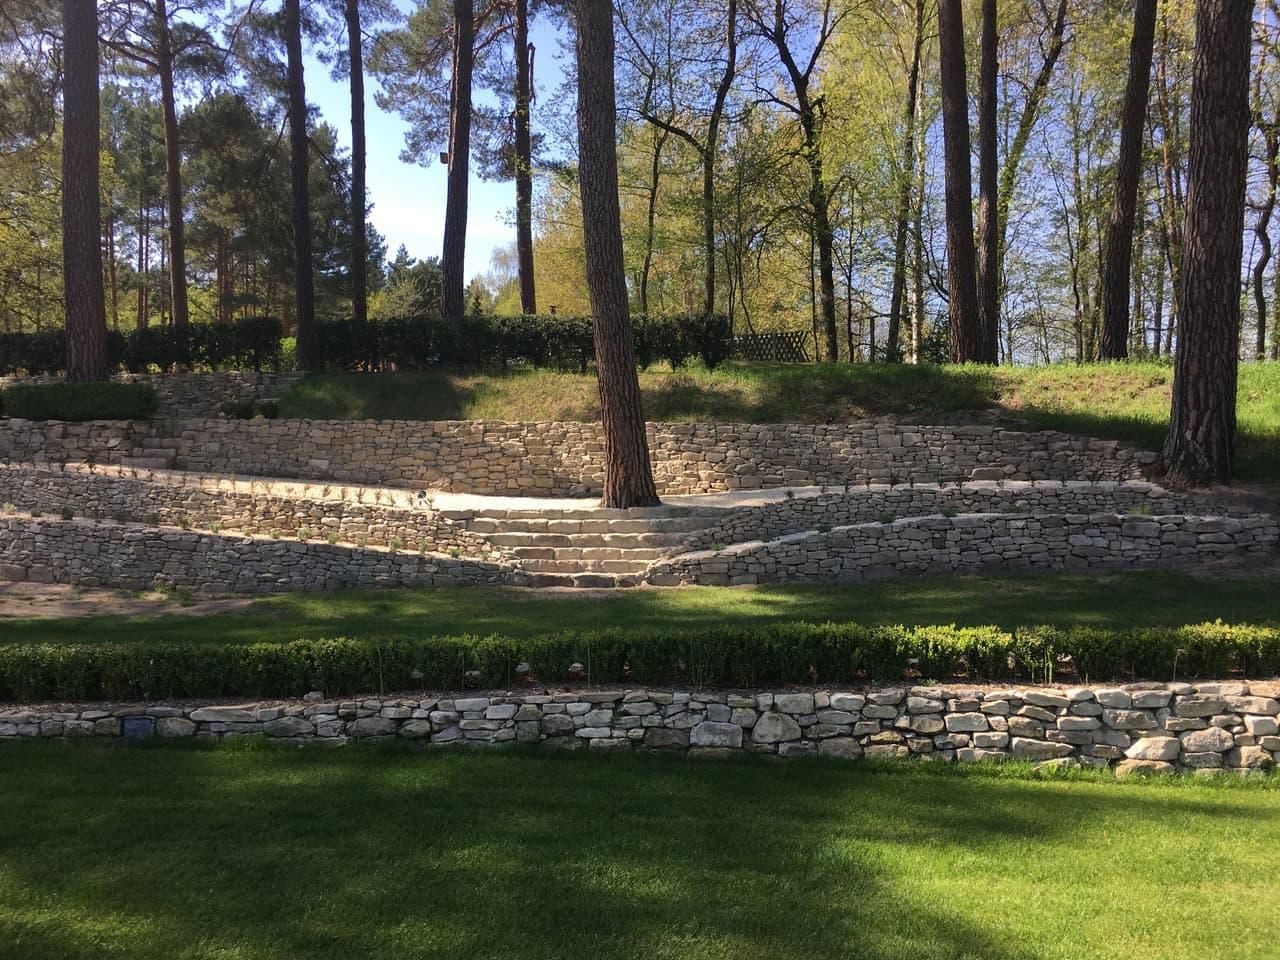 sandstein-mauersteine-grün-gelb-gebraucht-unregelmäßig-steinpark (3)